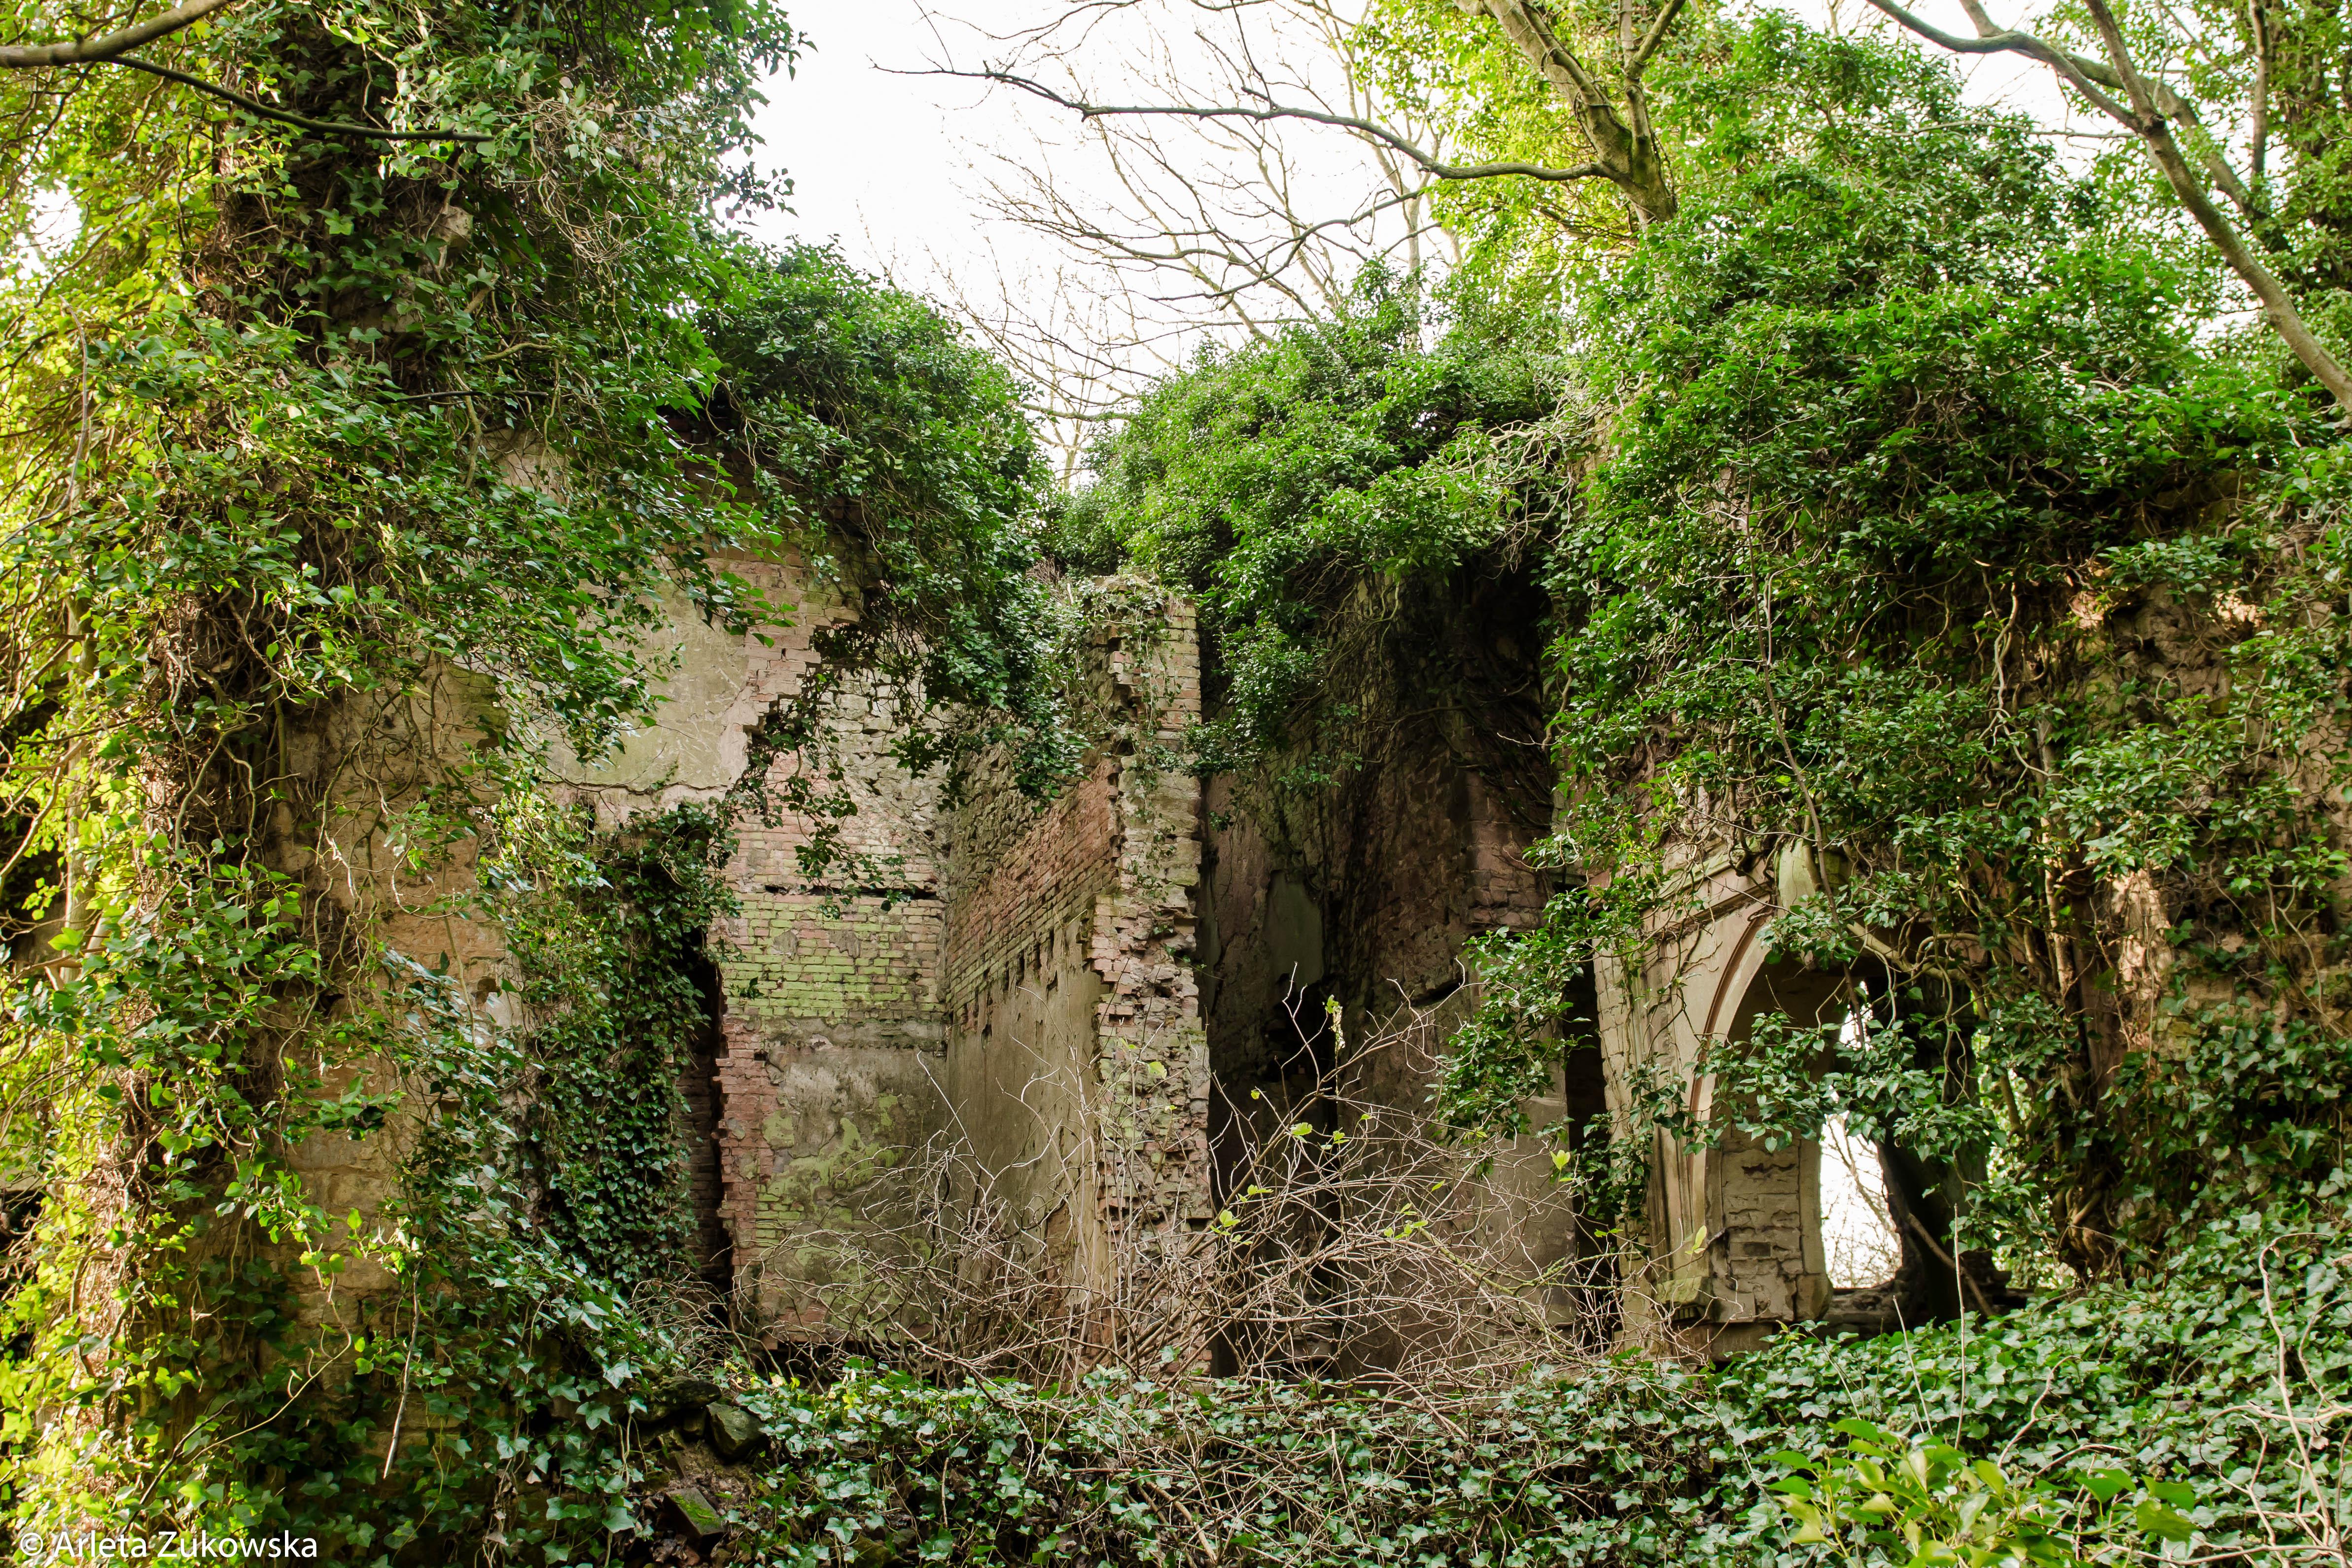 2014.01.18 - Riseholme Abandoned House II - 09